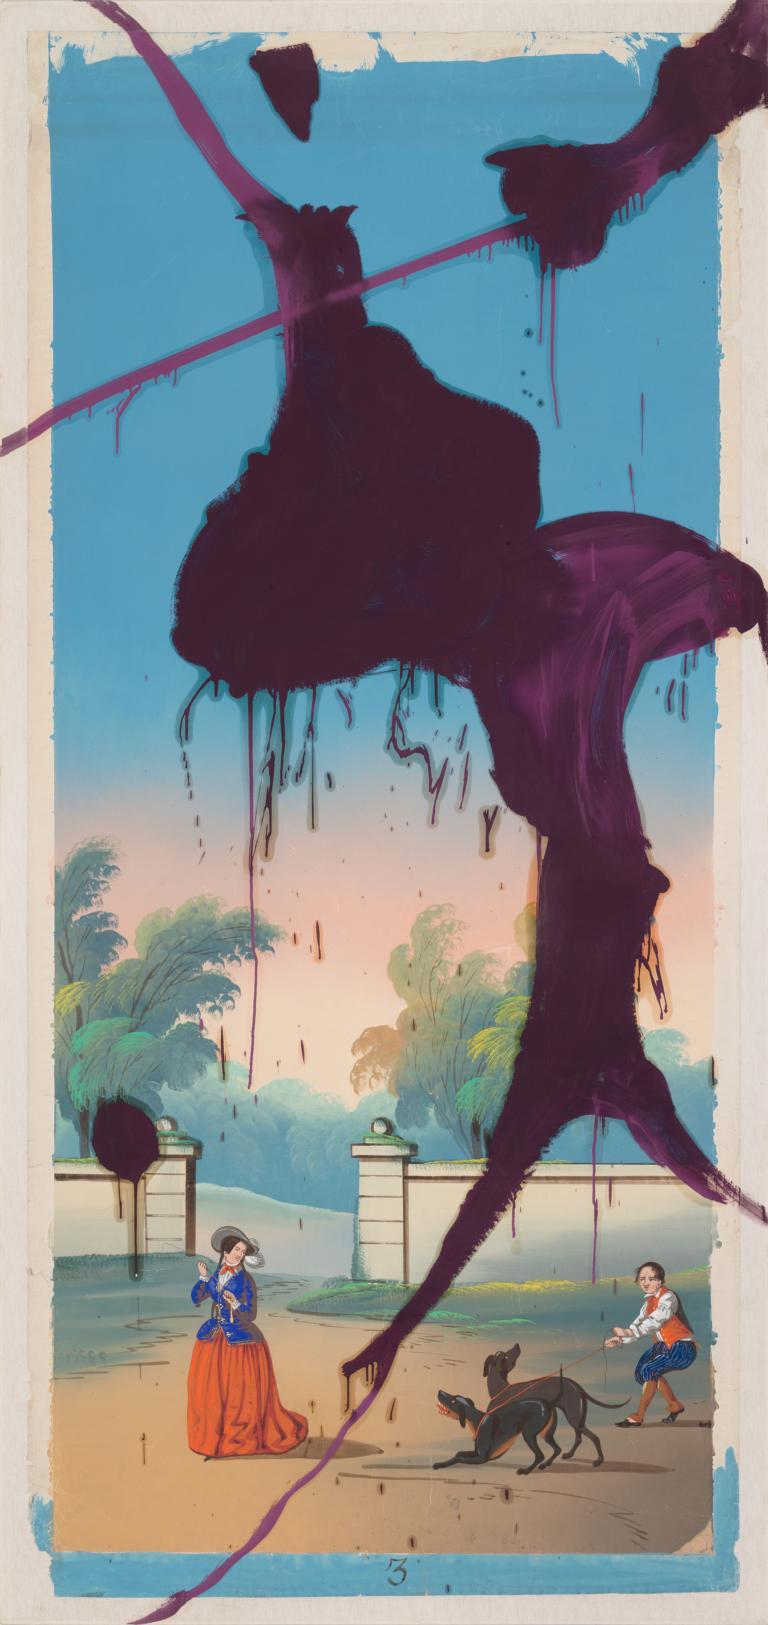 The Sky Is Falling III, 2018, Pigmentdruck mit Siebdruck auf Büttenpapier, 63,5 x 135 cm, Auflage: 25 arabisch, signiert, datiert & nummeriert